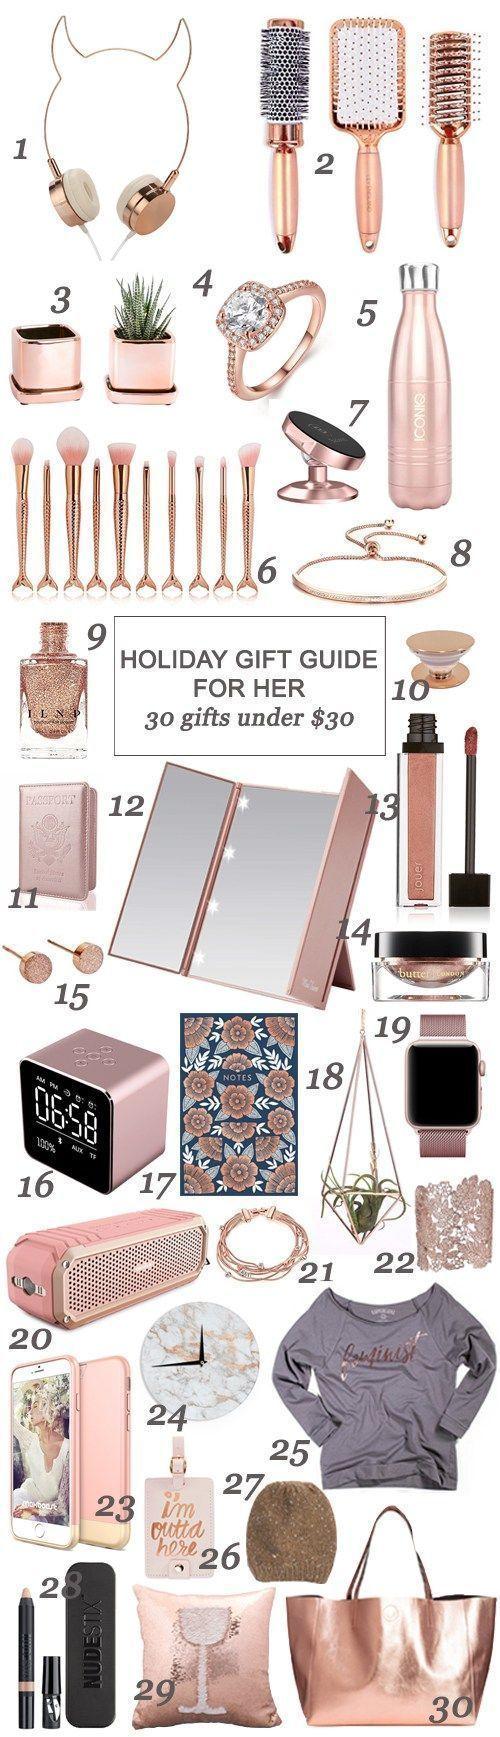 Holiday Gift Guide für Sie: 30 Geschenke unter 30 Dollar # ...